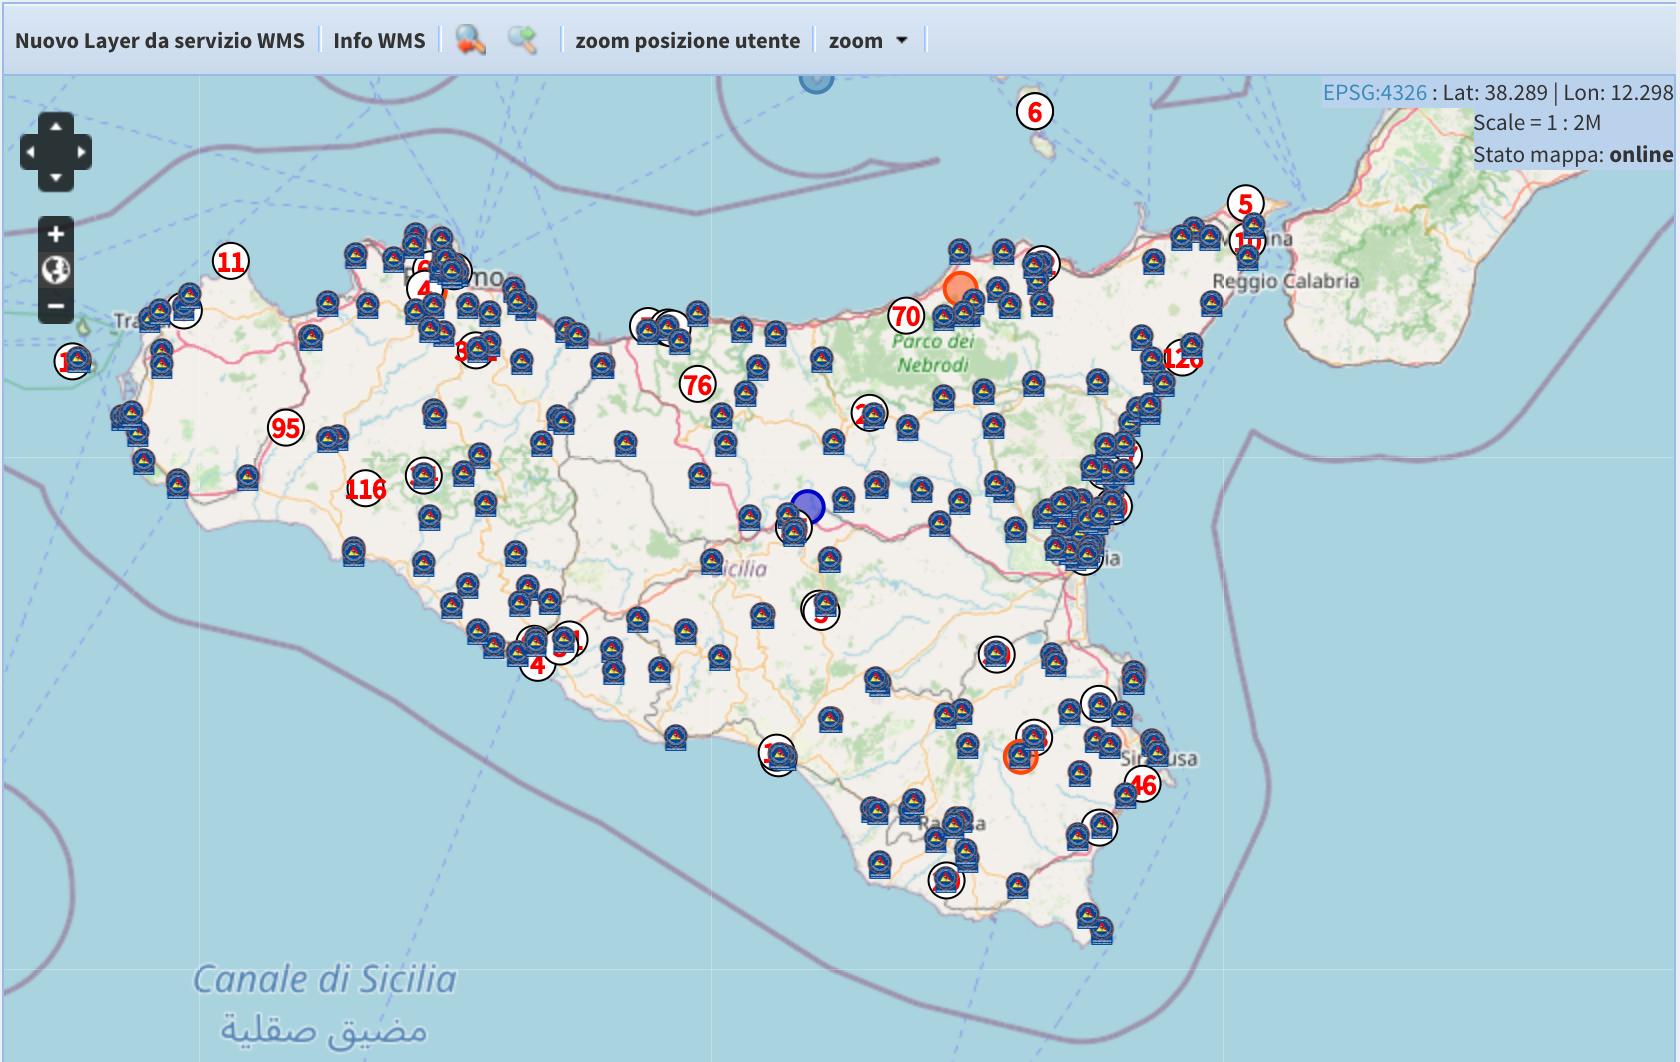 EMERGENZA INCENDI. Sono 31 i fronti di fuoco attivi in questo momento in Sicilia. 350 volontari impegnati.